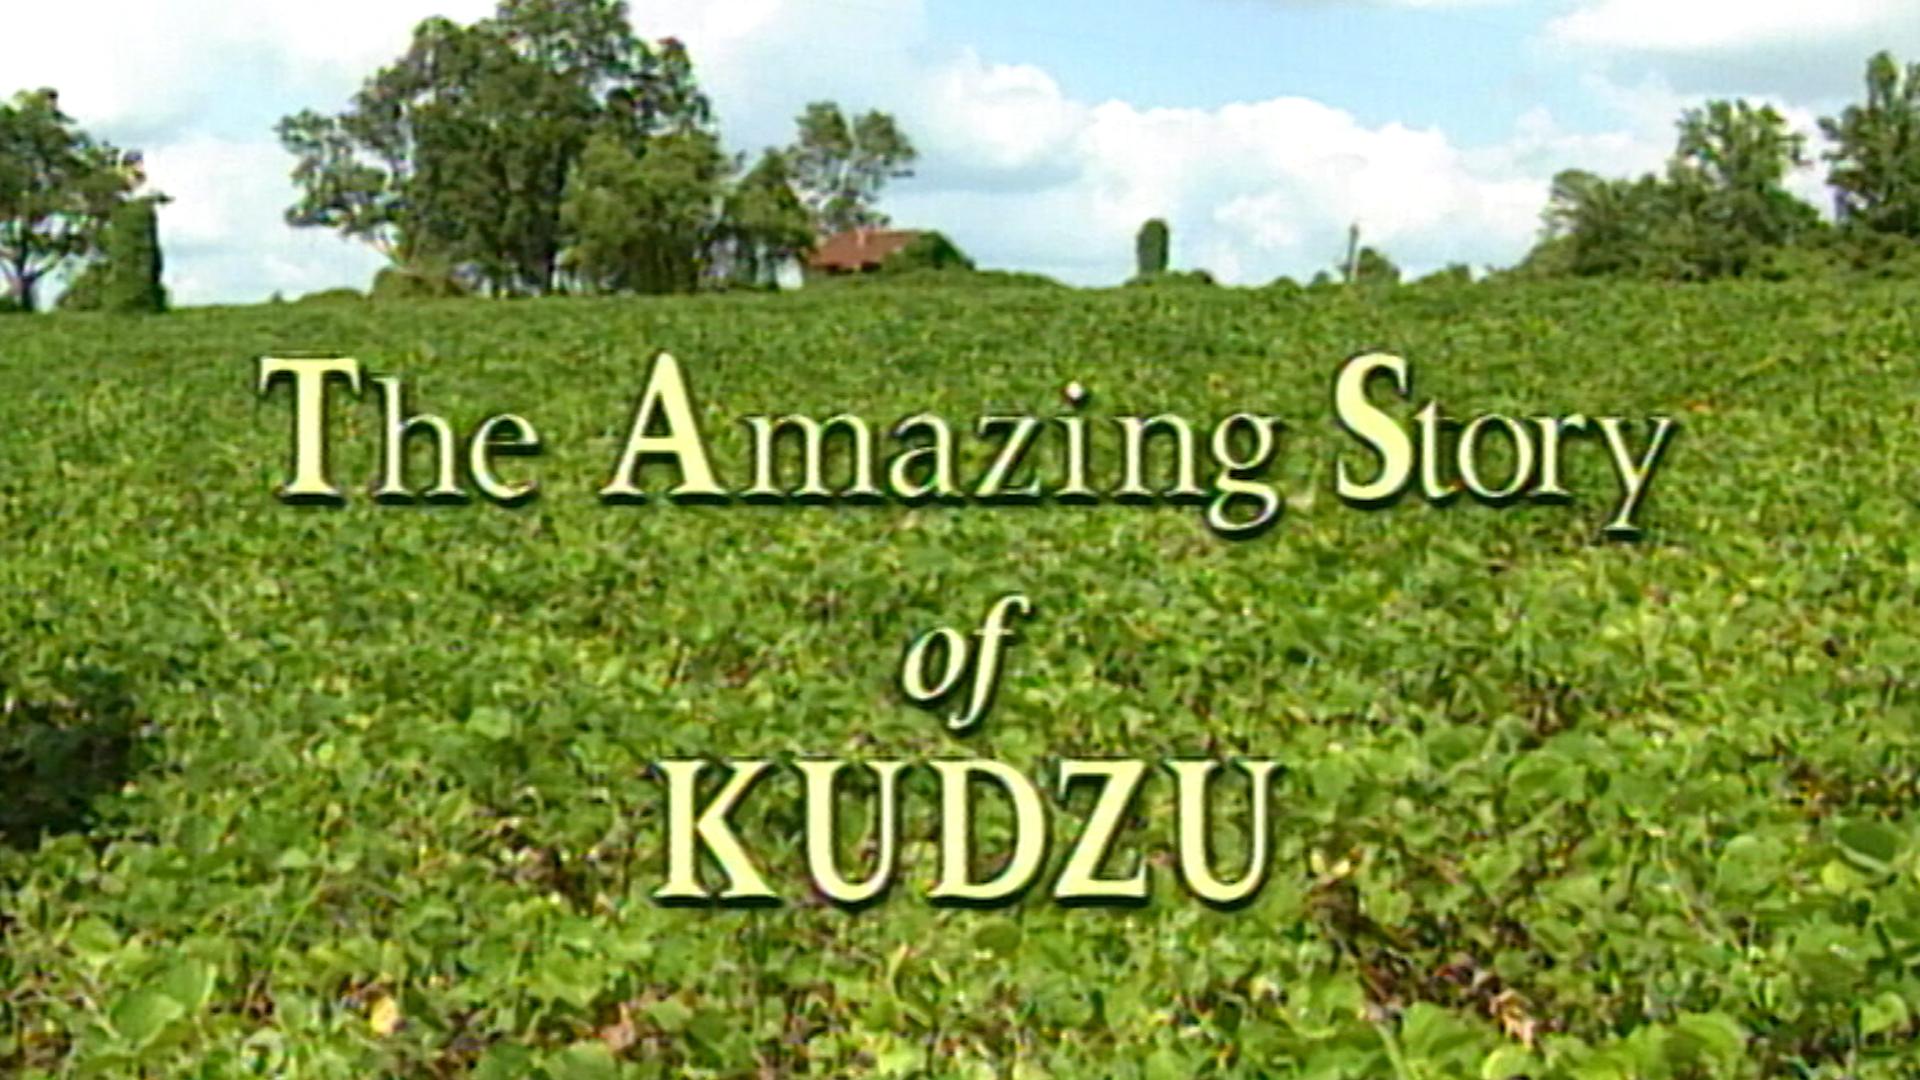 KUDZU Still